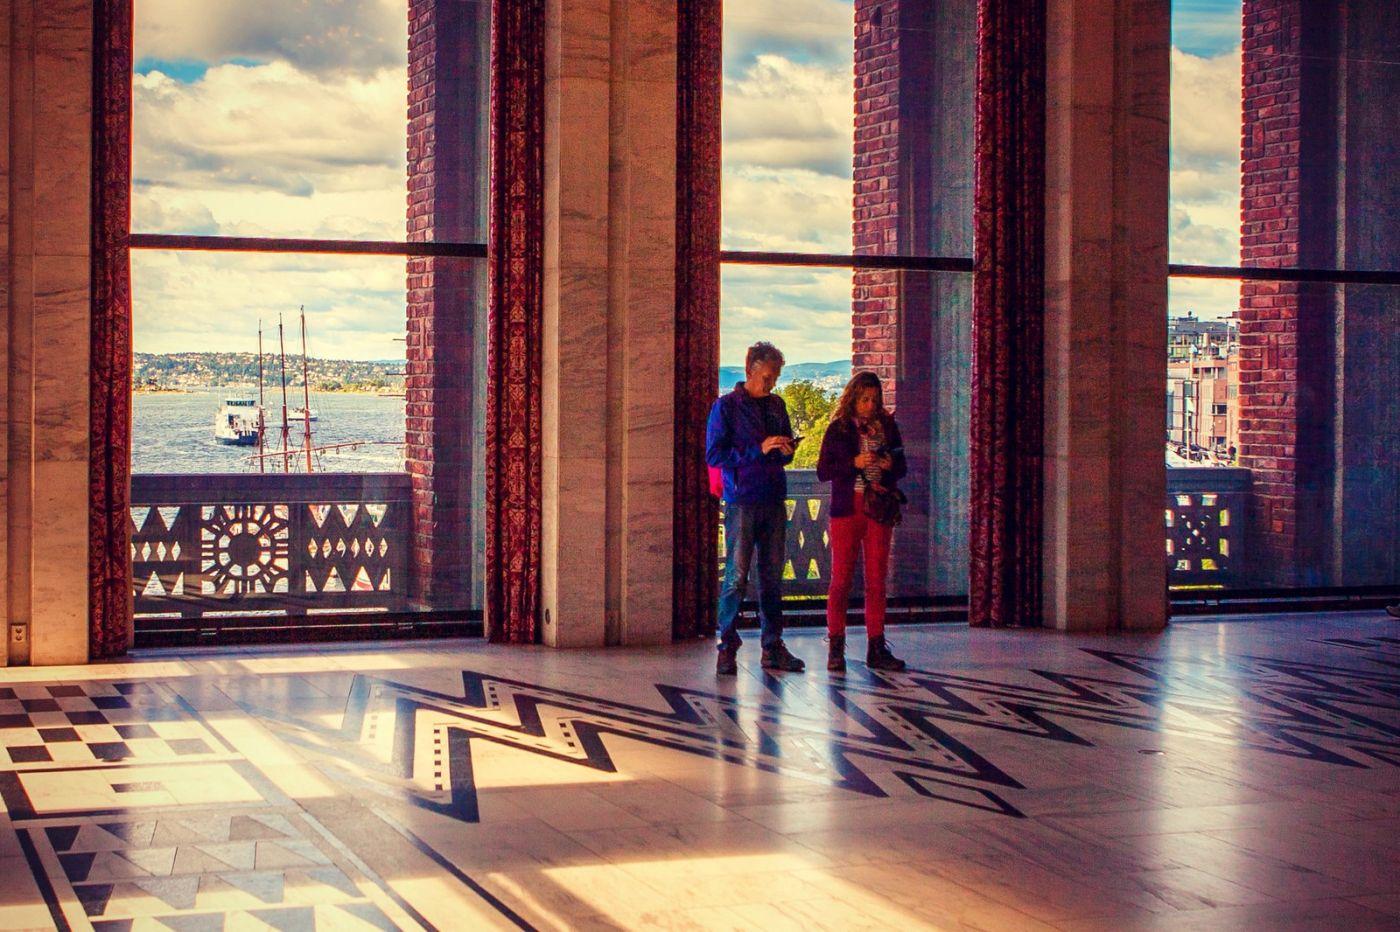 挪威奥塞罗市政厅,有品位_图1-30